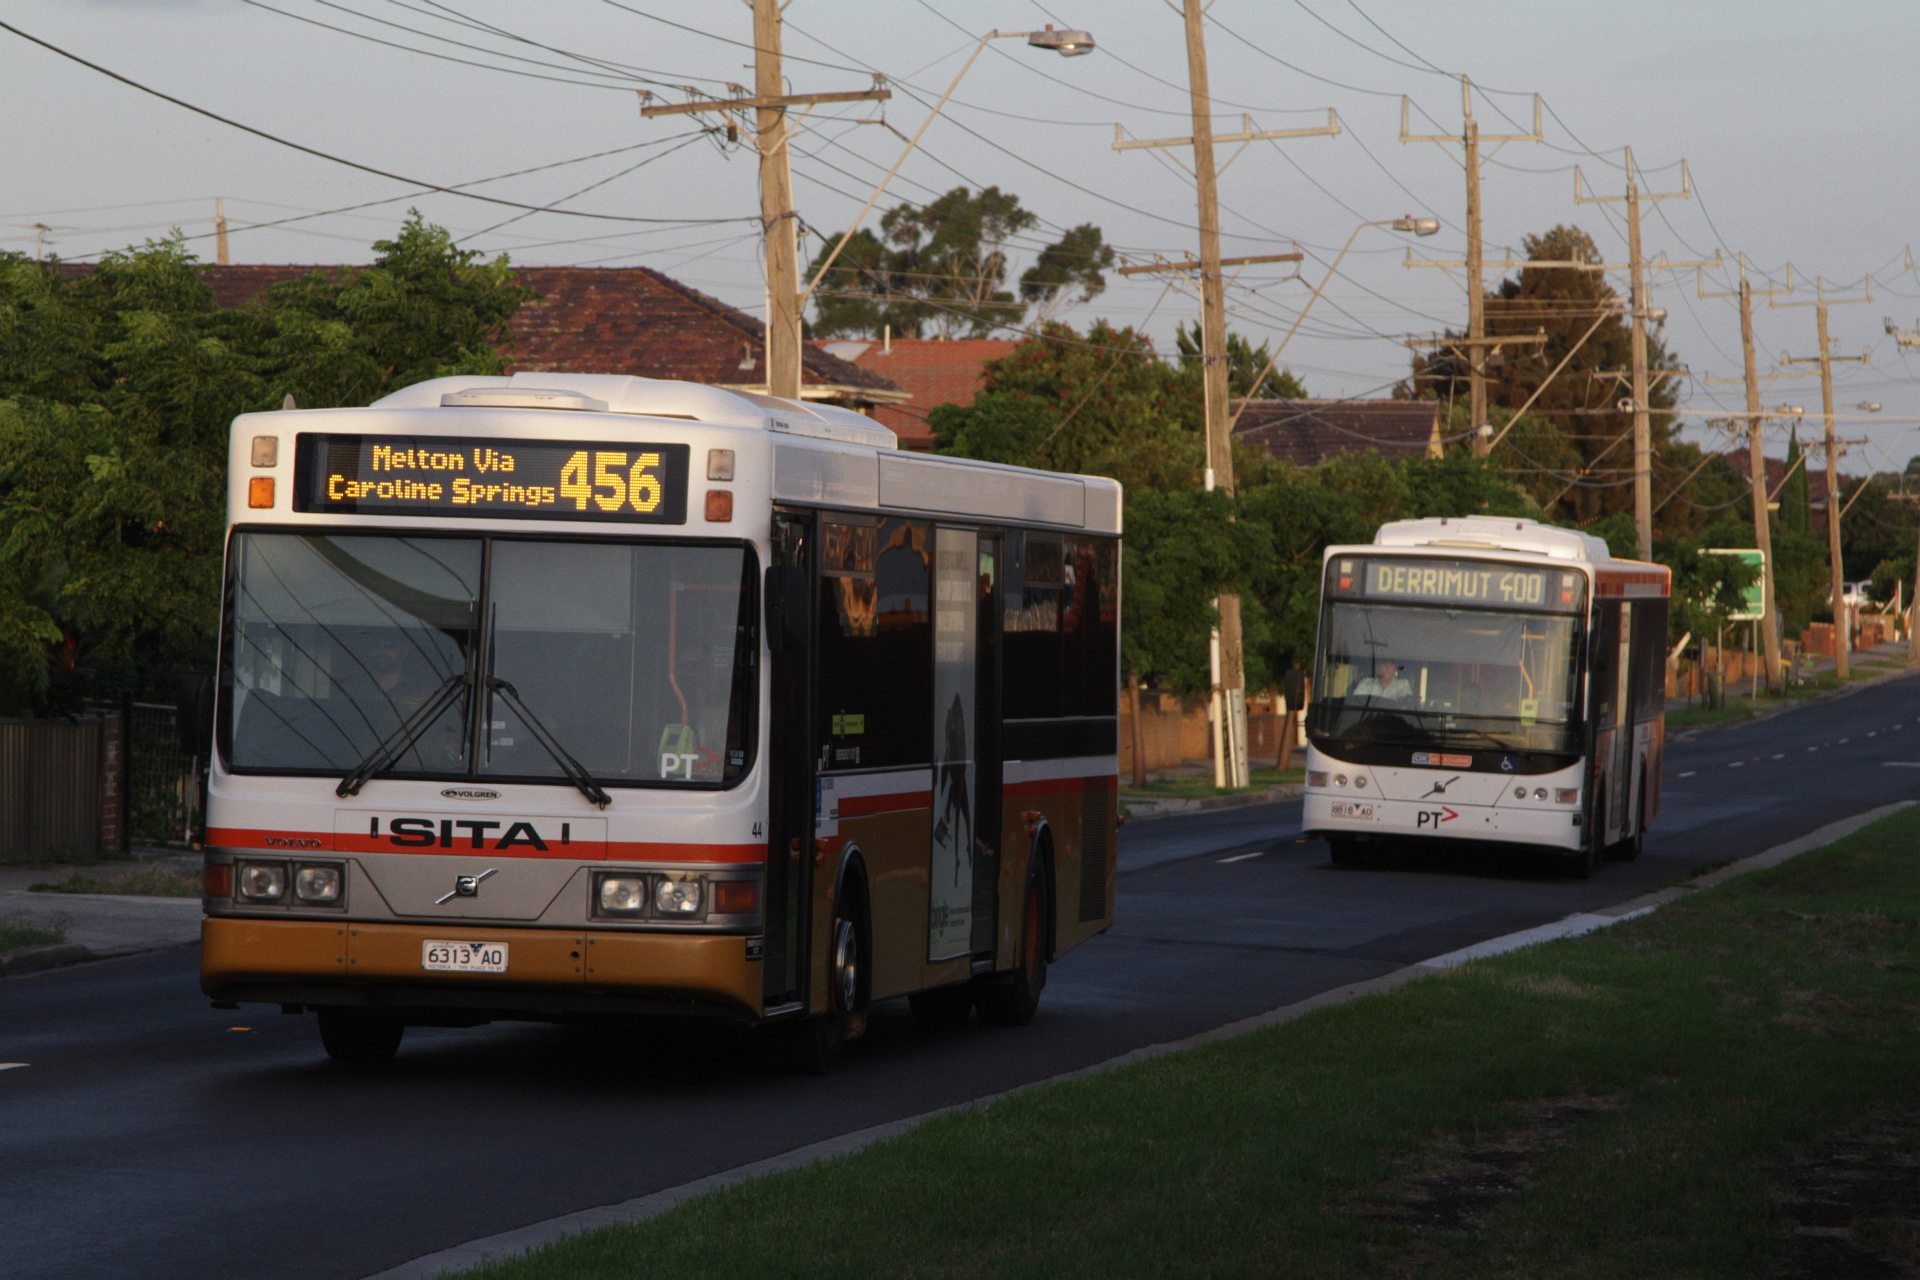 Sita Bus 44 Rego 6313ao On A Route 456 Service Along